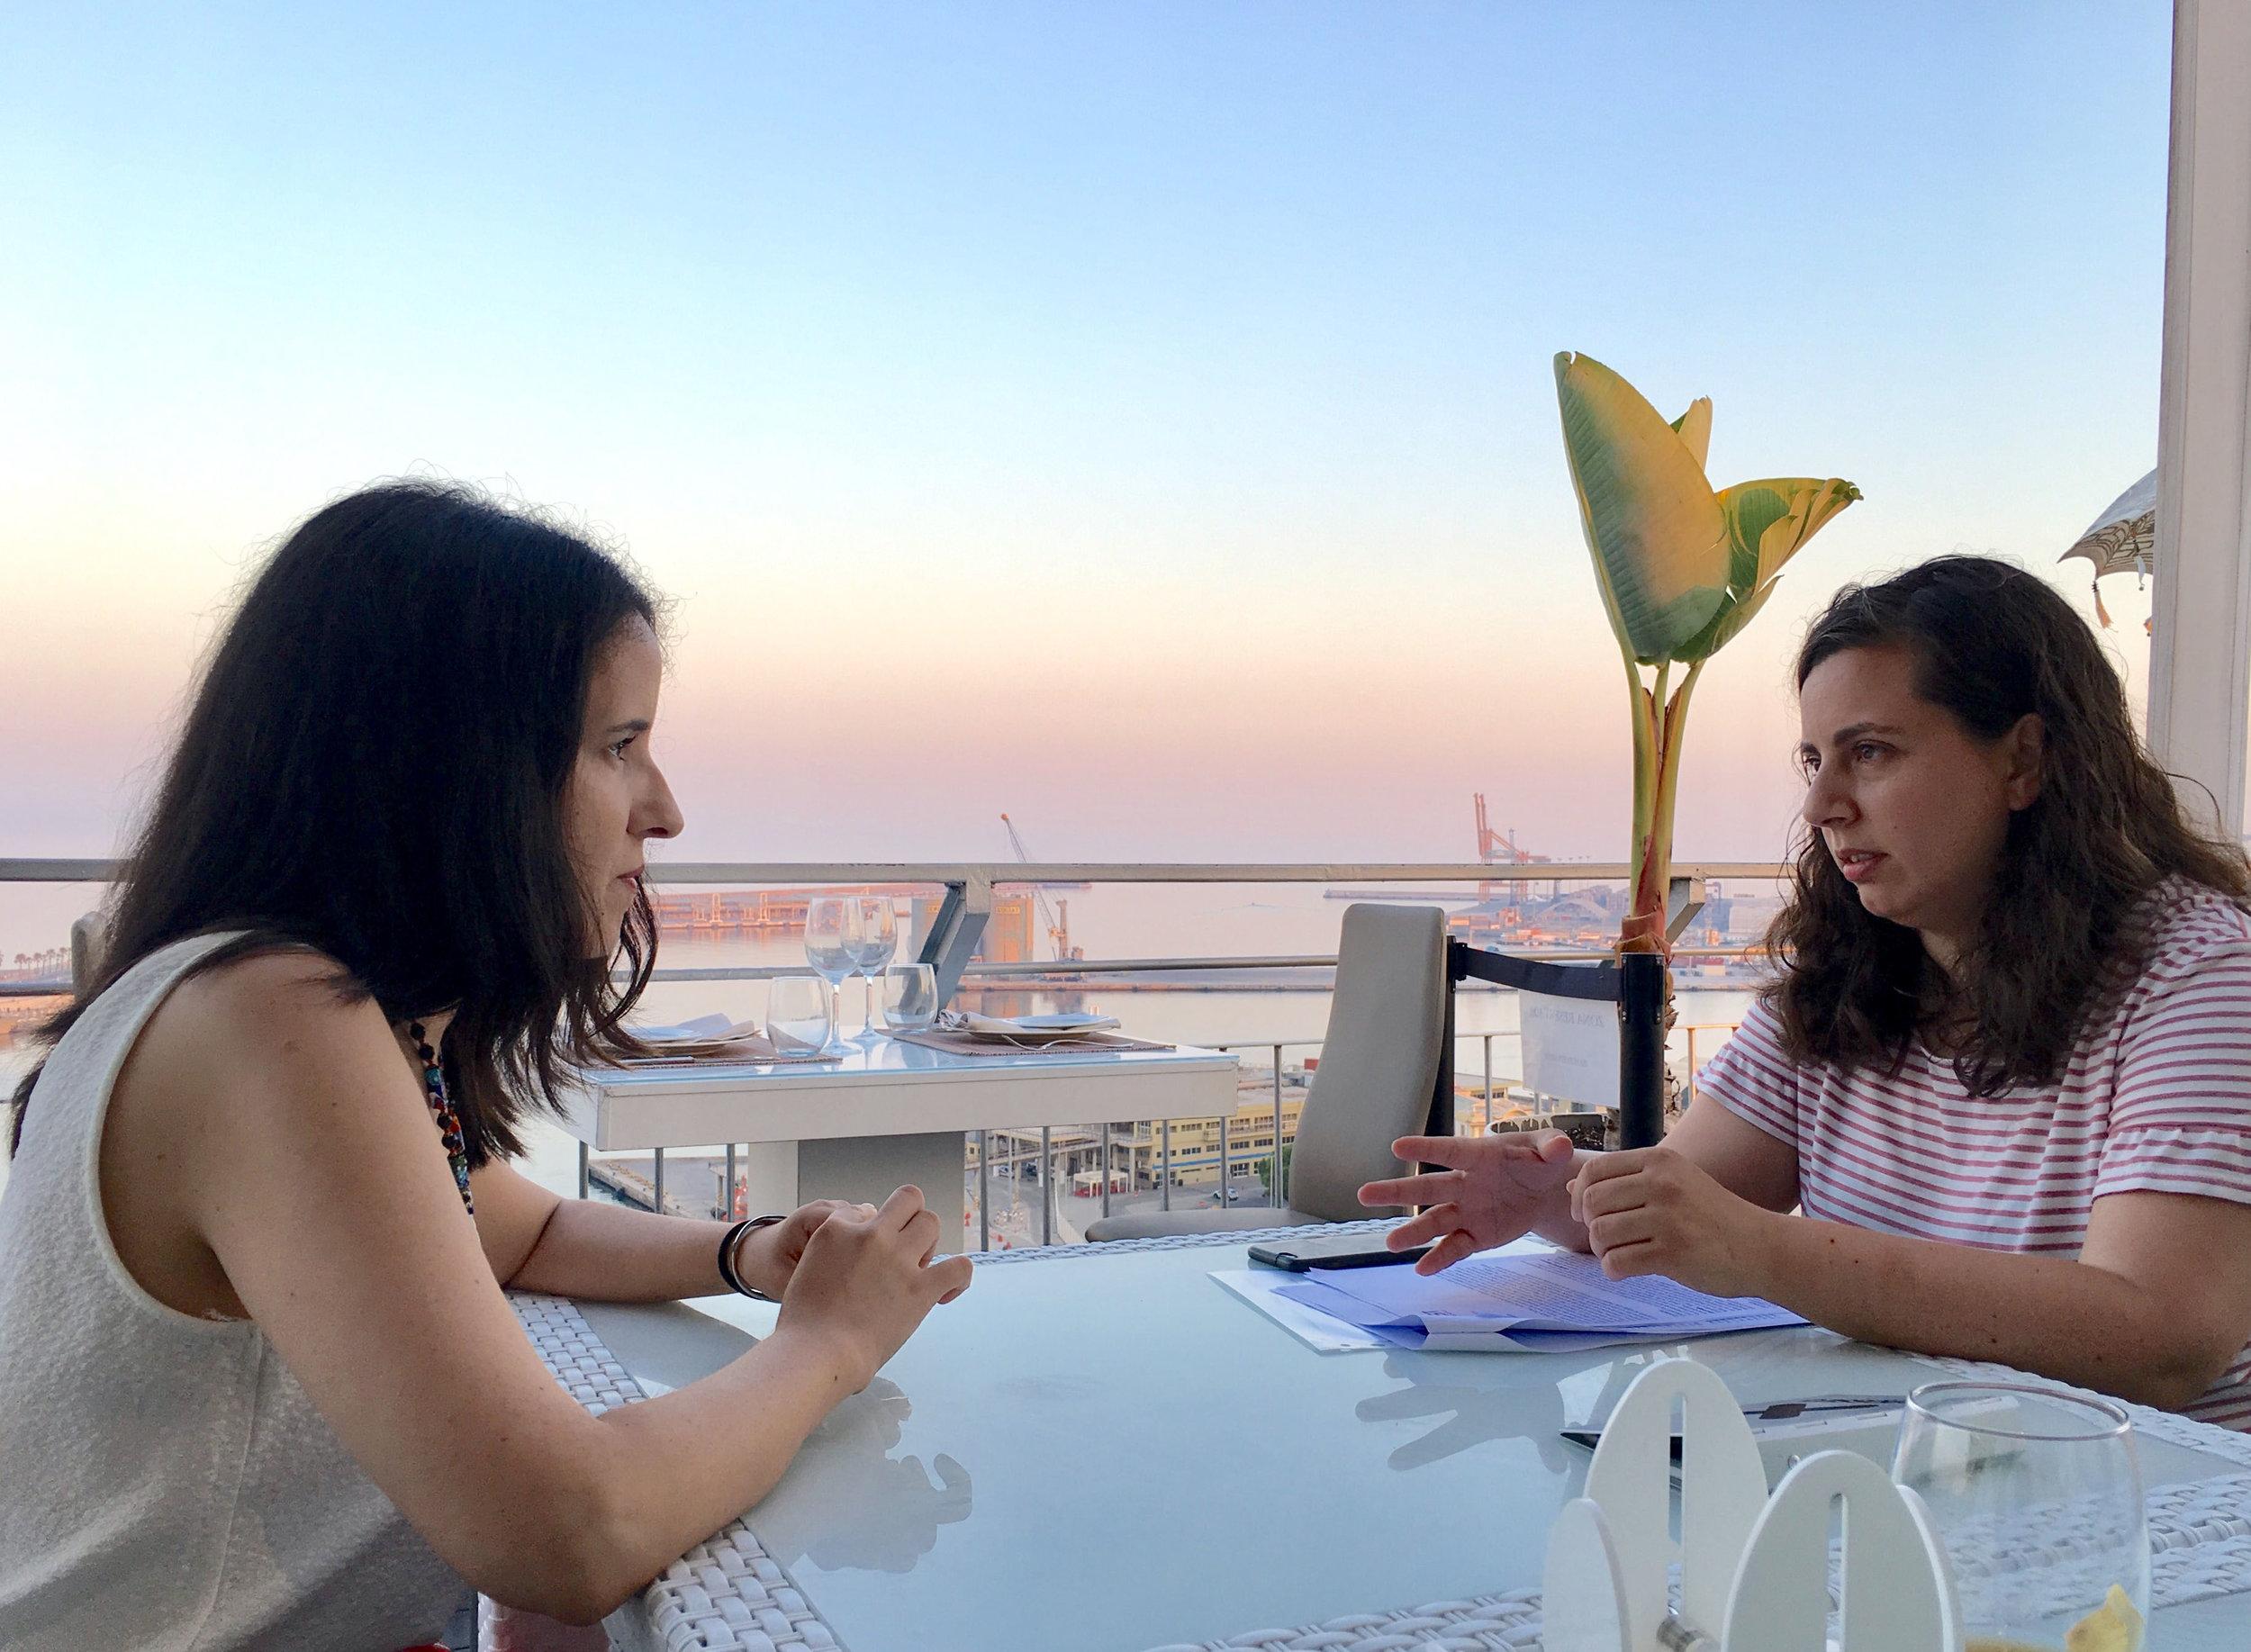 entrevista-nuria-veo-arte-eldevenir-maria-rosa-jurado-ganador-premio-publico-mejor-espacio-feria-art-and-breakfast-III-low.jpg